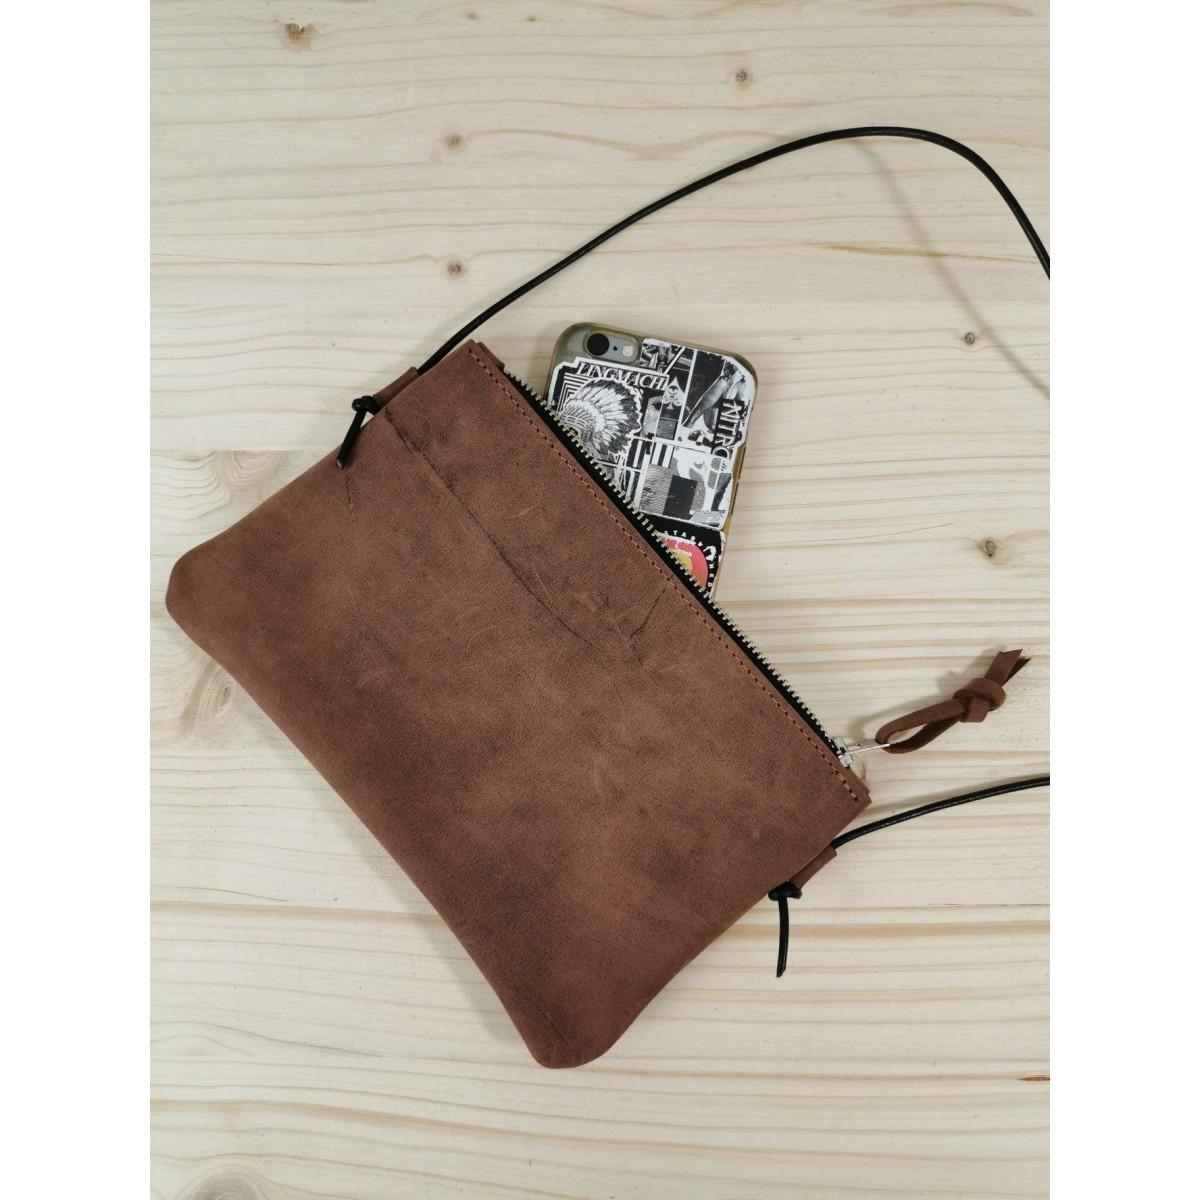 BSAITE kleine Umhängetasche / Smartphone Bag / Mini / Echt Leder